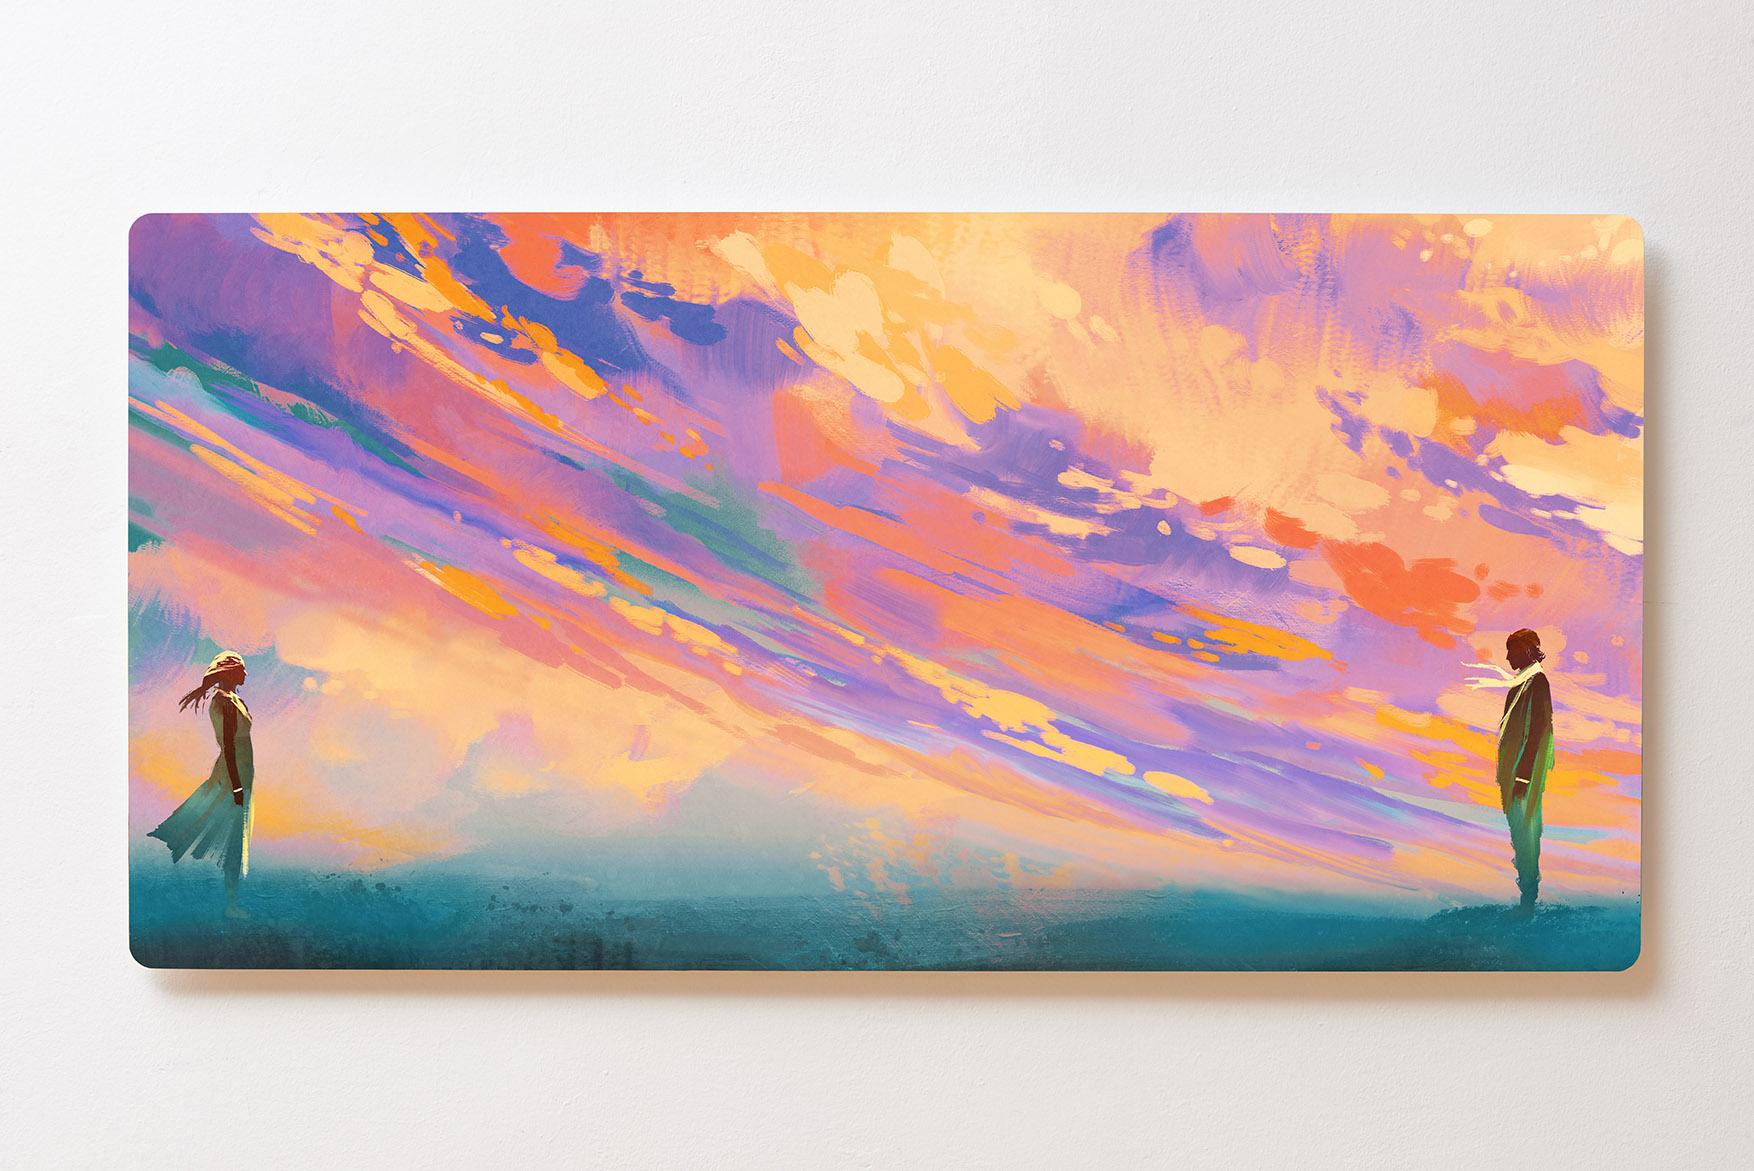 Magnettafel BACKLIGHT 120x60cm Motiv-Wandbild M143 Gemälde Himmel